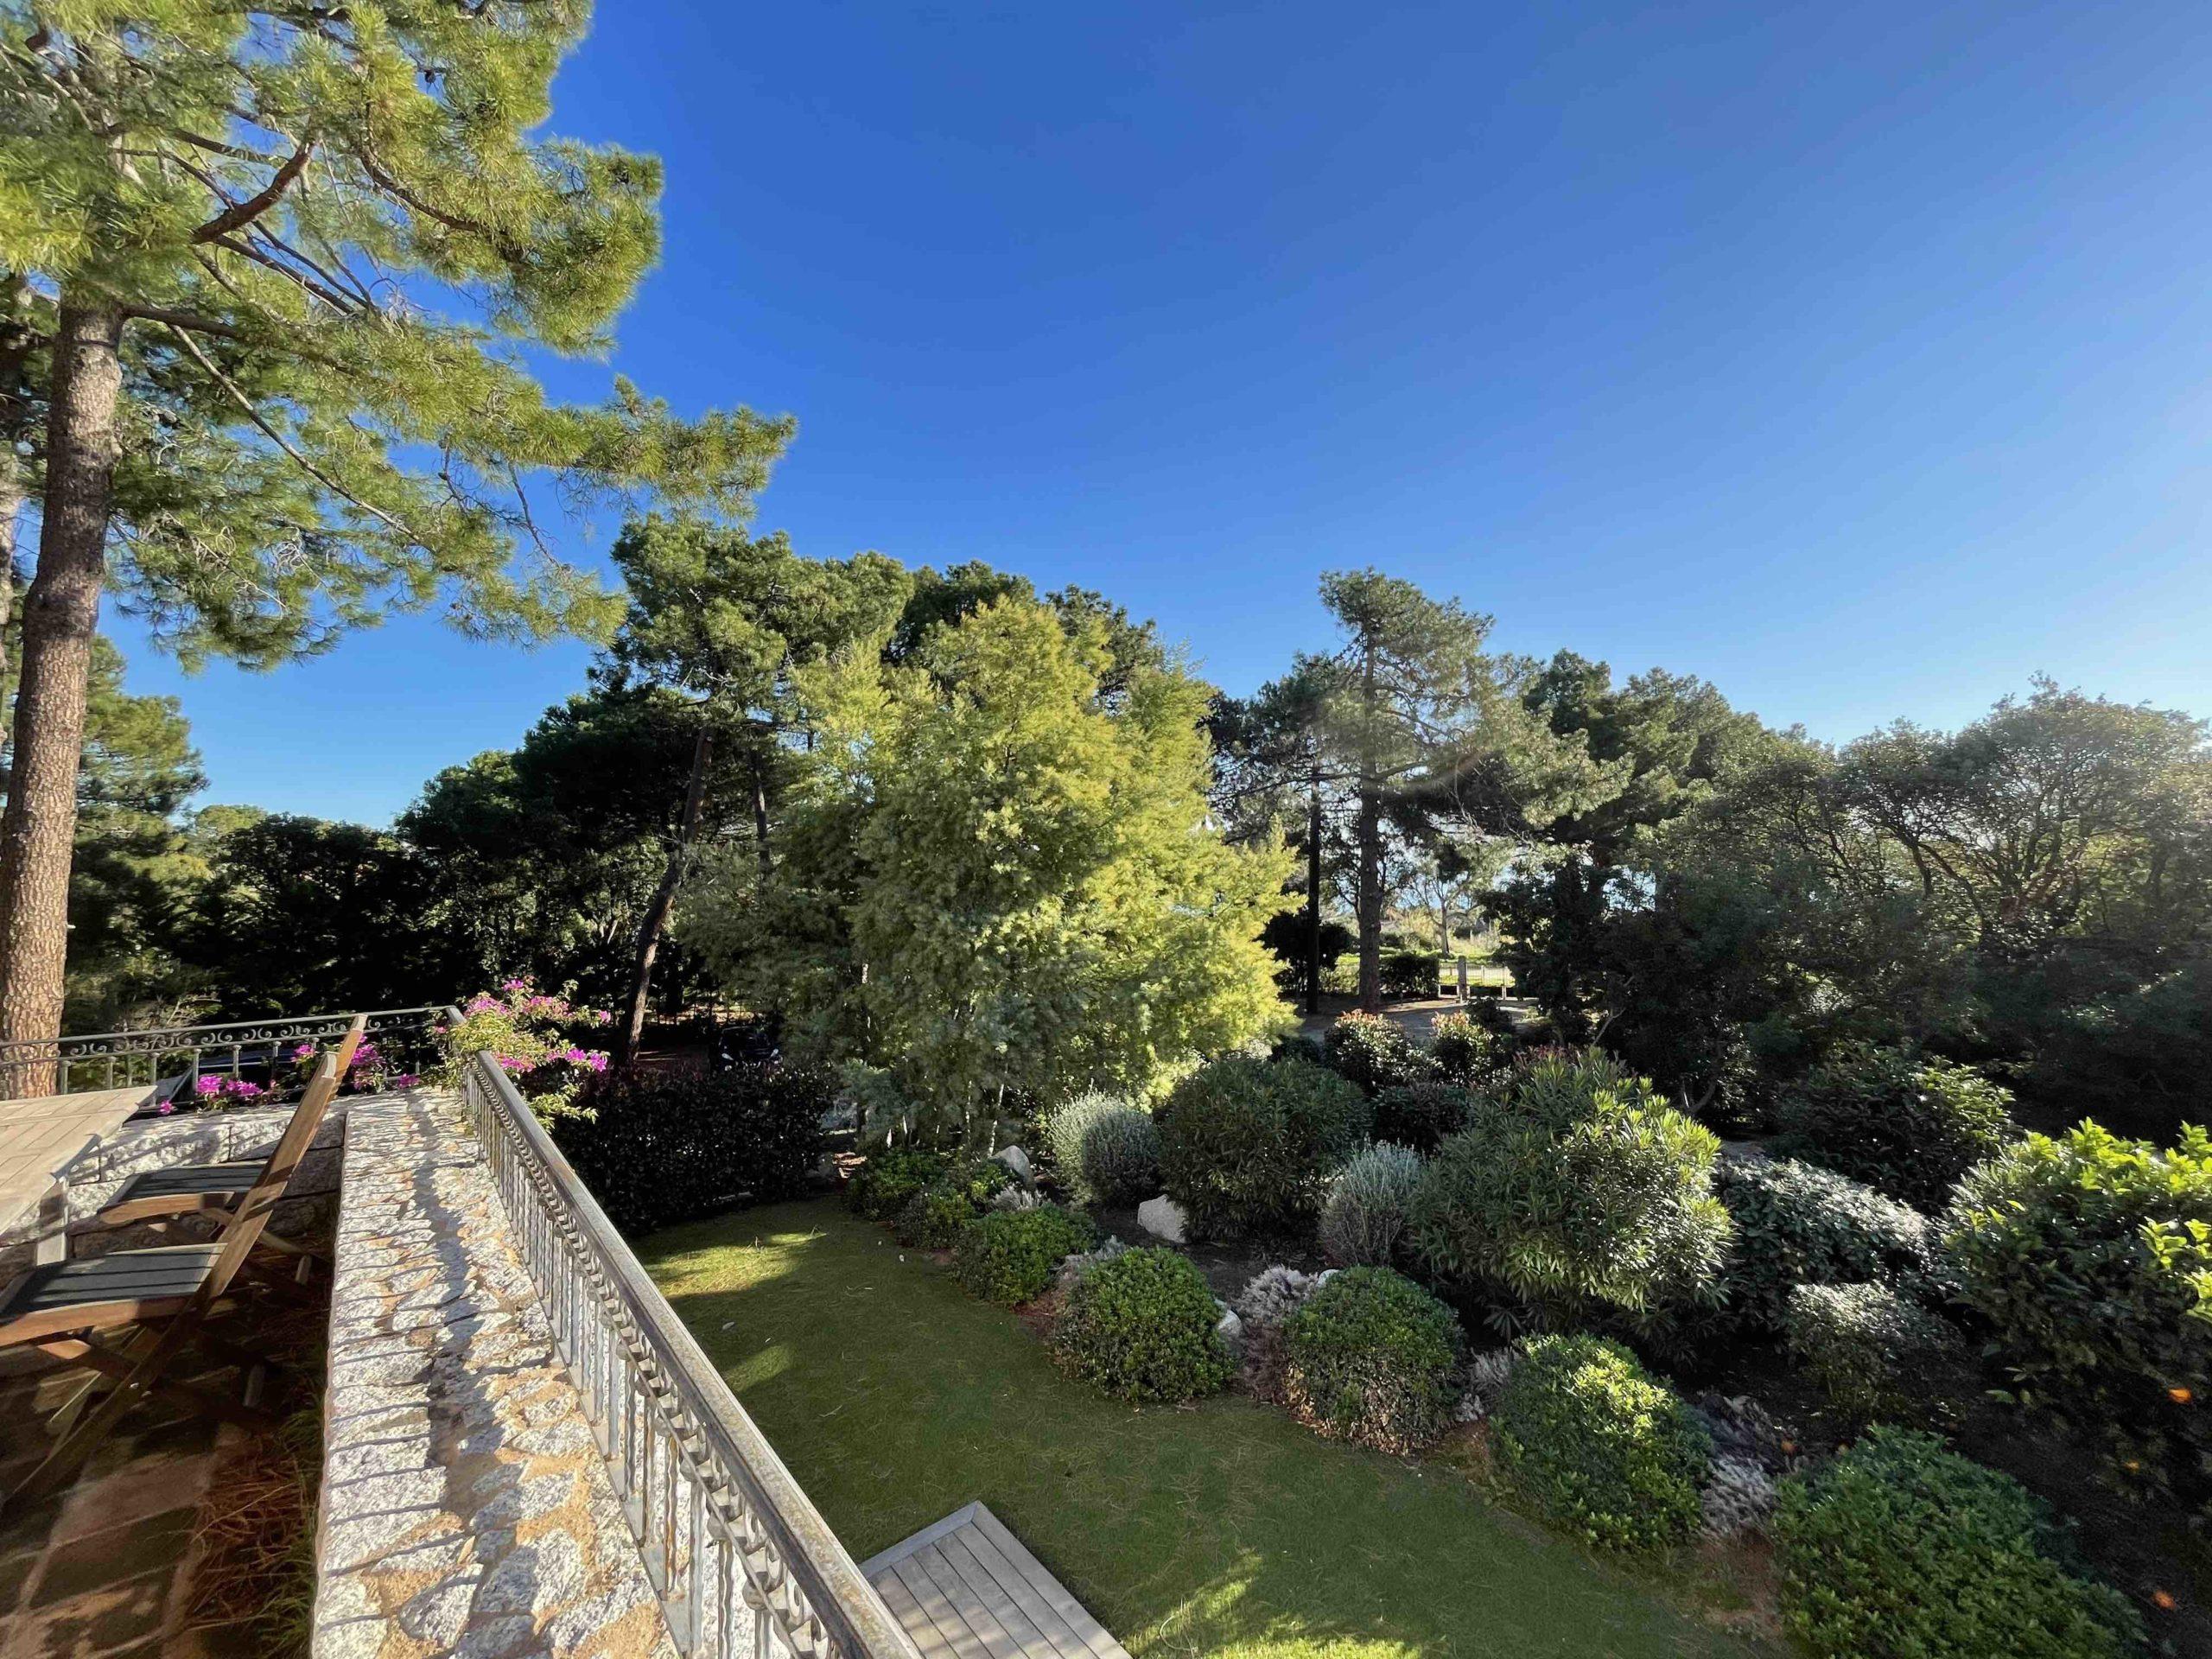 Location villa de charme piscine Porto-Vecchio pinarello Corse du sud plage sainte lucie de Porto Vecchio 4 chambres jardin style bergerie Costa Stellata